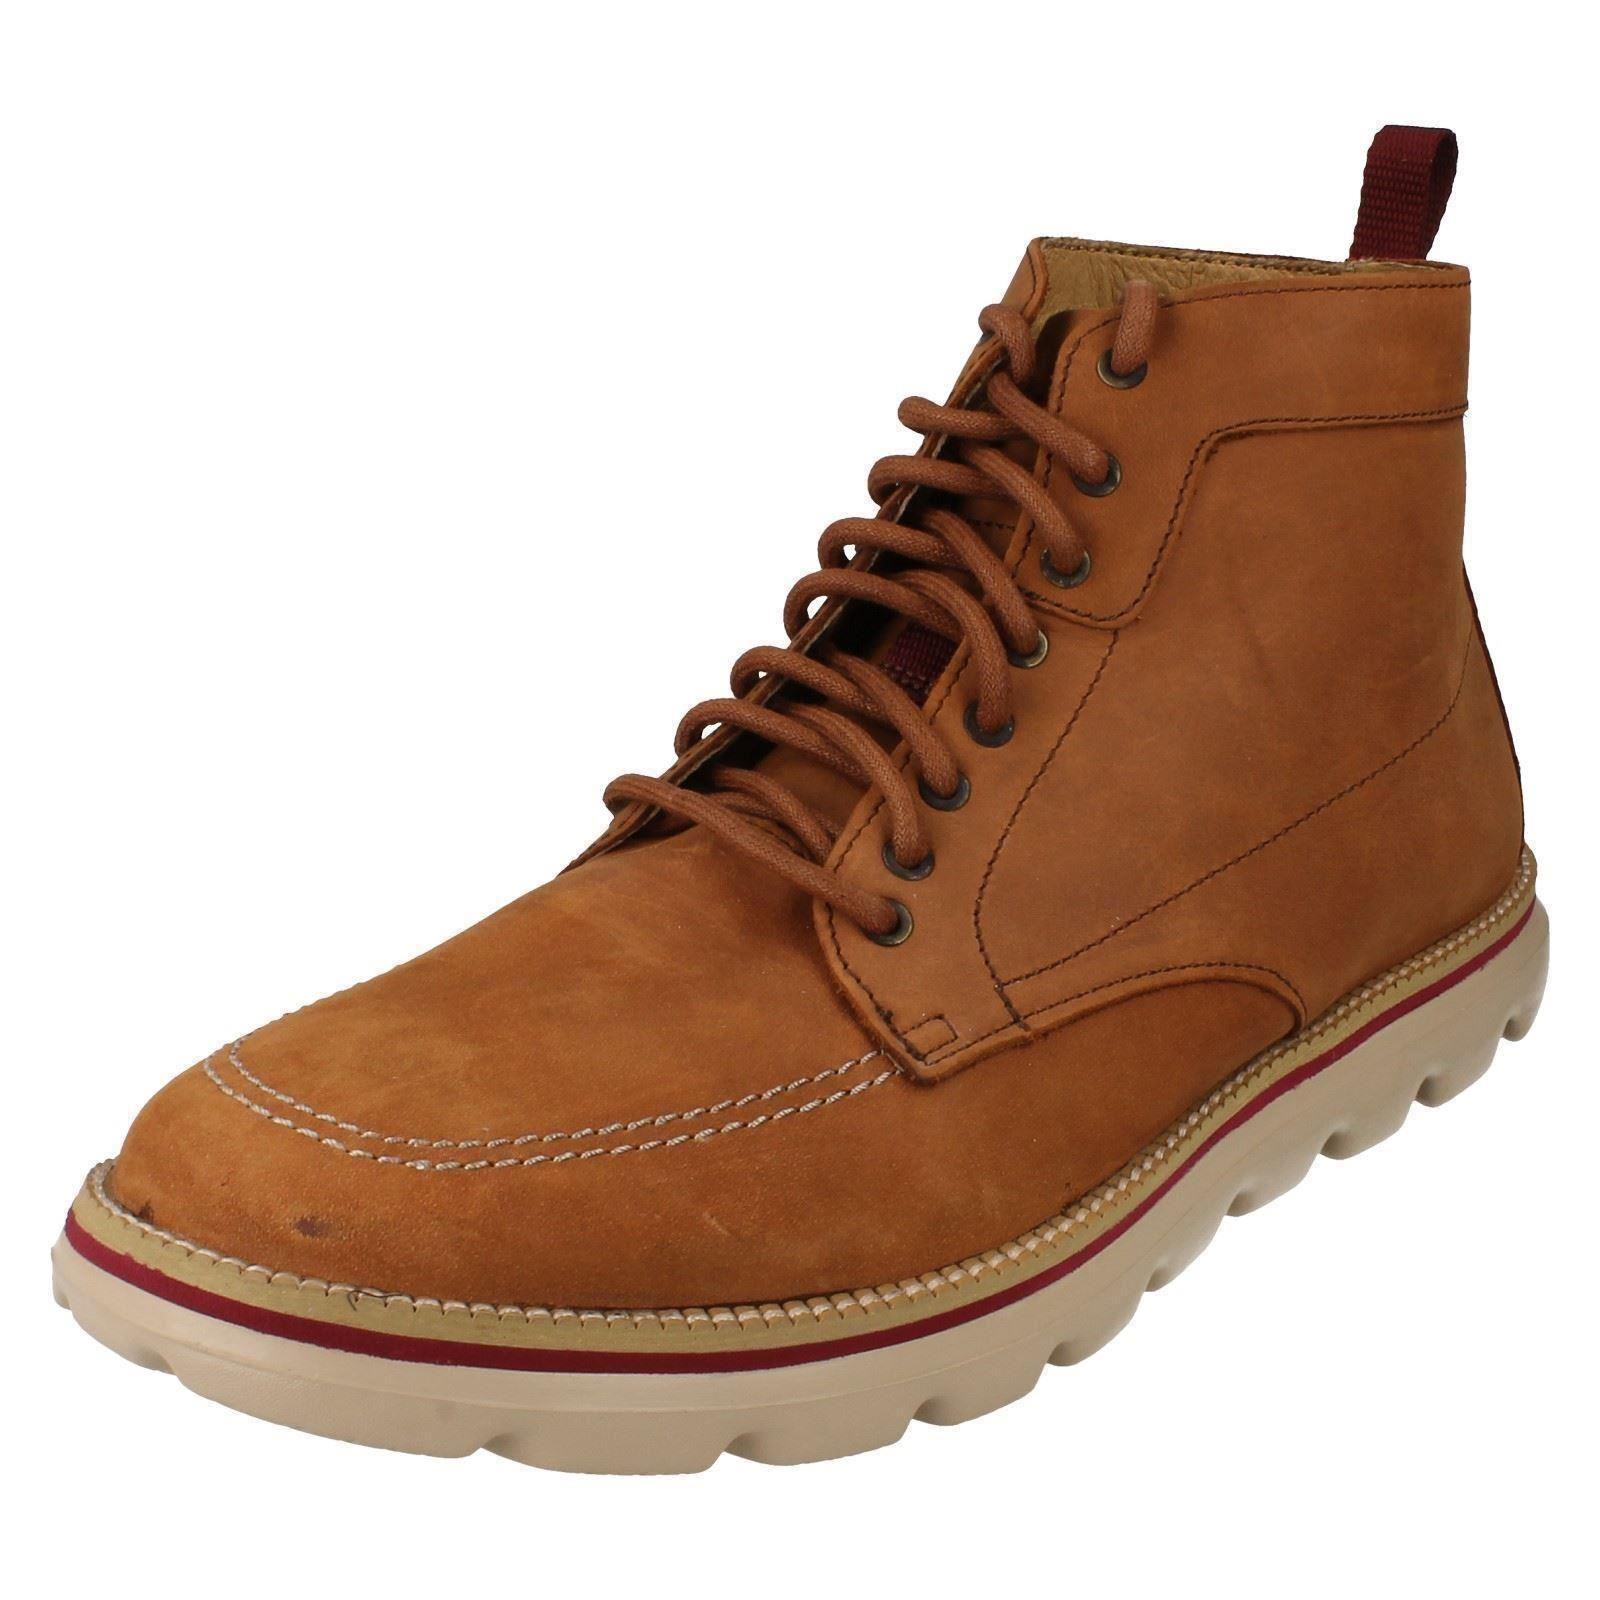 Skechers 鞋子門市 高雄 - 高雄品牌運動鞋特賣會